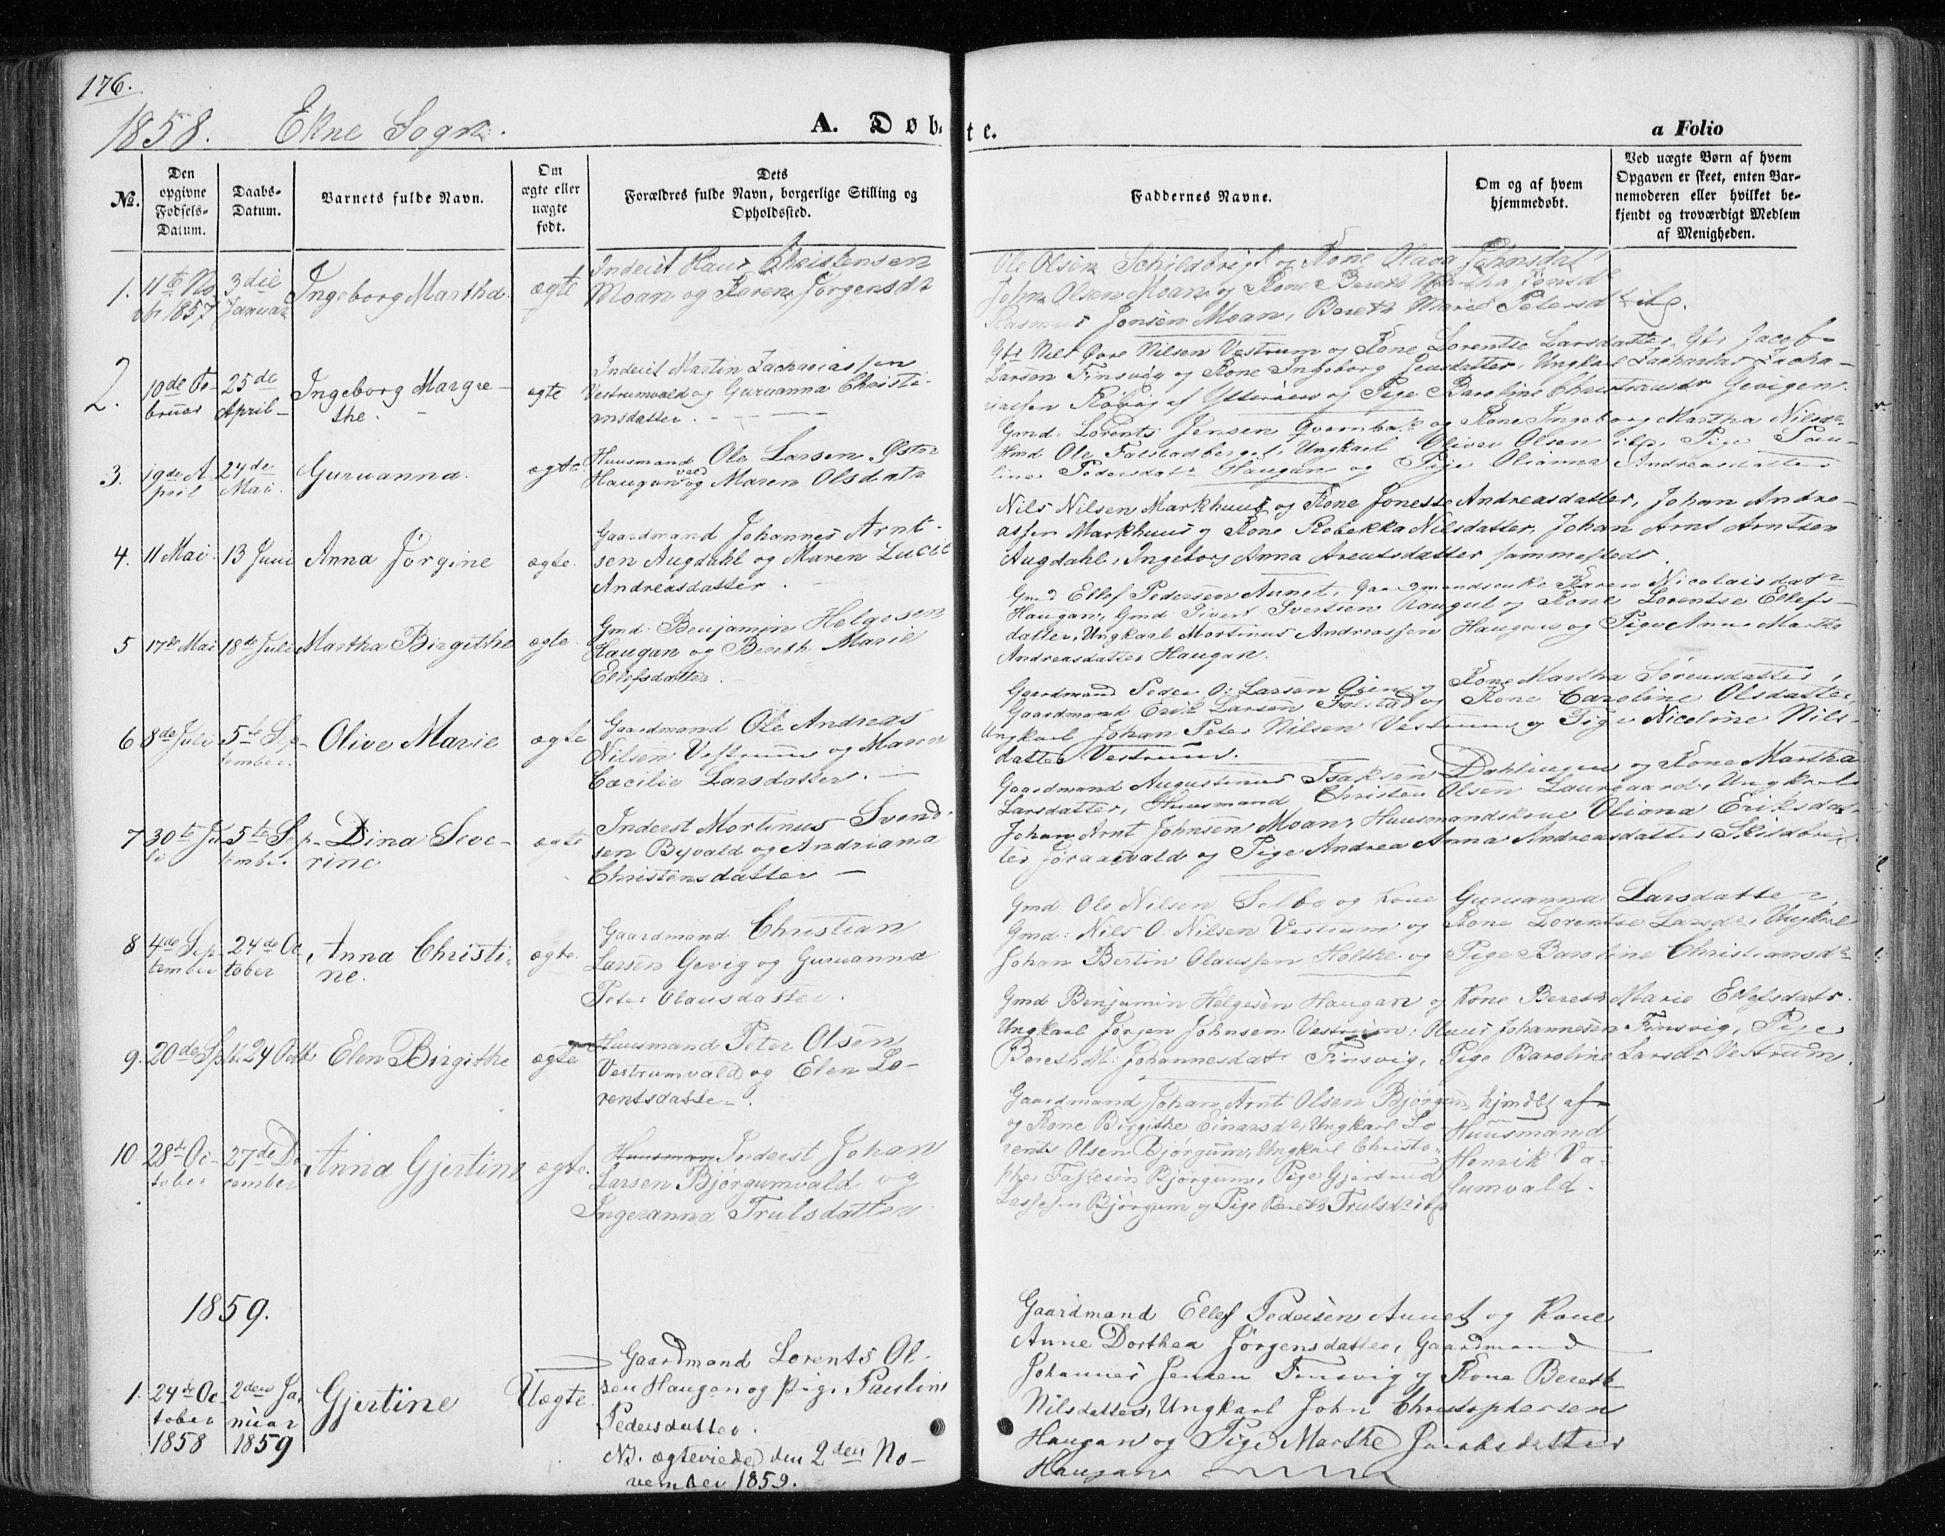 SAT, Ministerialprotokoller, klokkerbøker og fødselsregistre - Nord-Trøndelag, 717/L0154: Ministerialbok nr. 717A07 /3, 1850-1862, s. 176